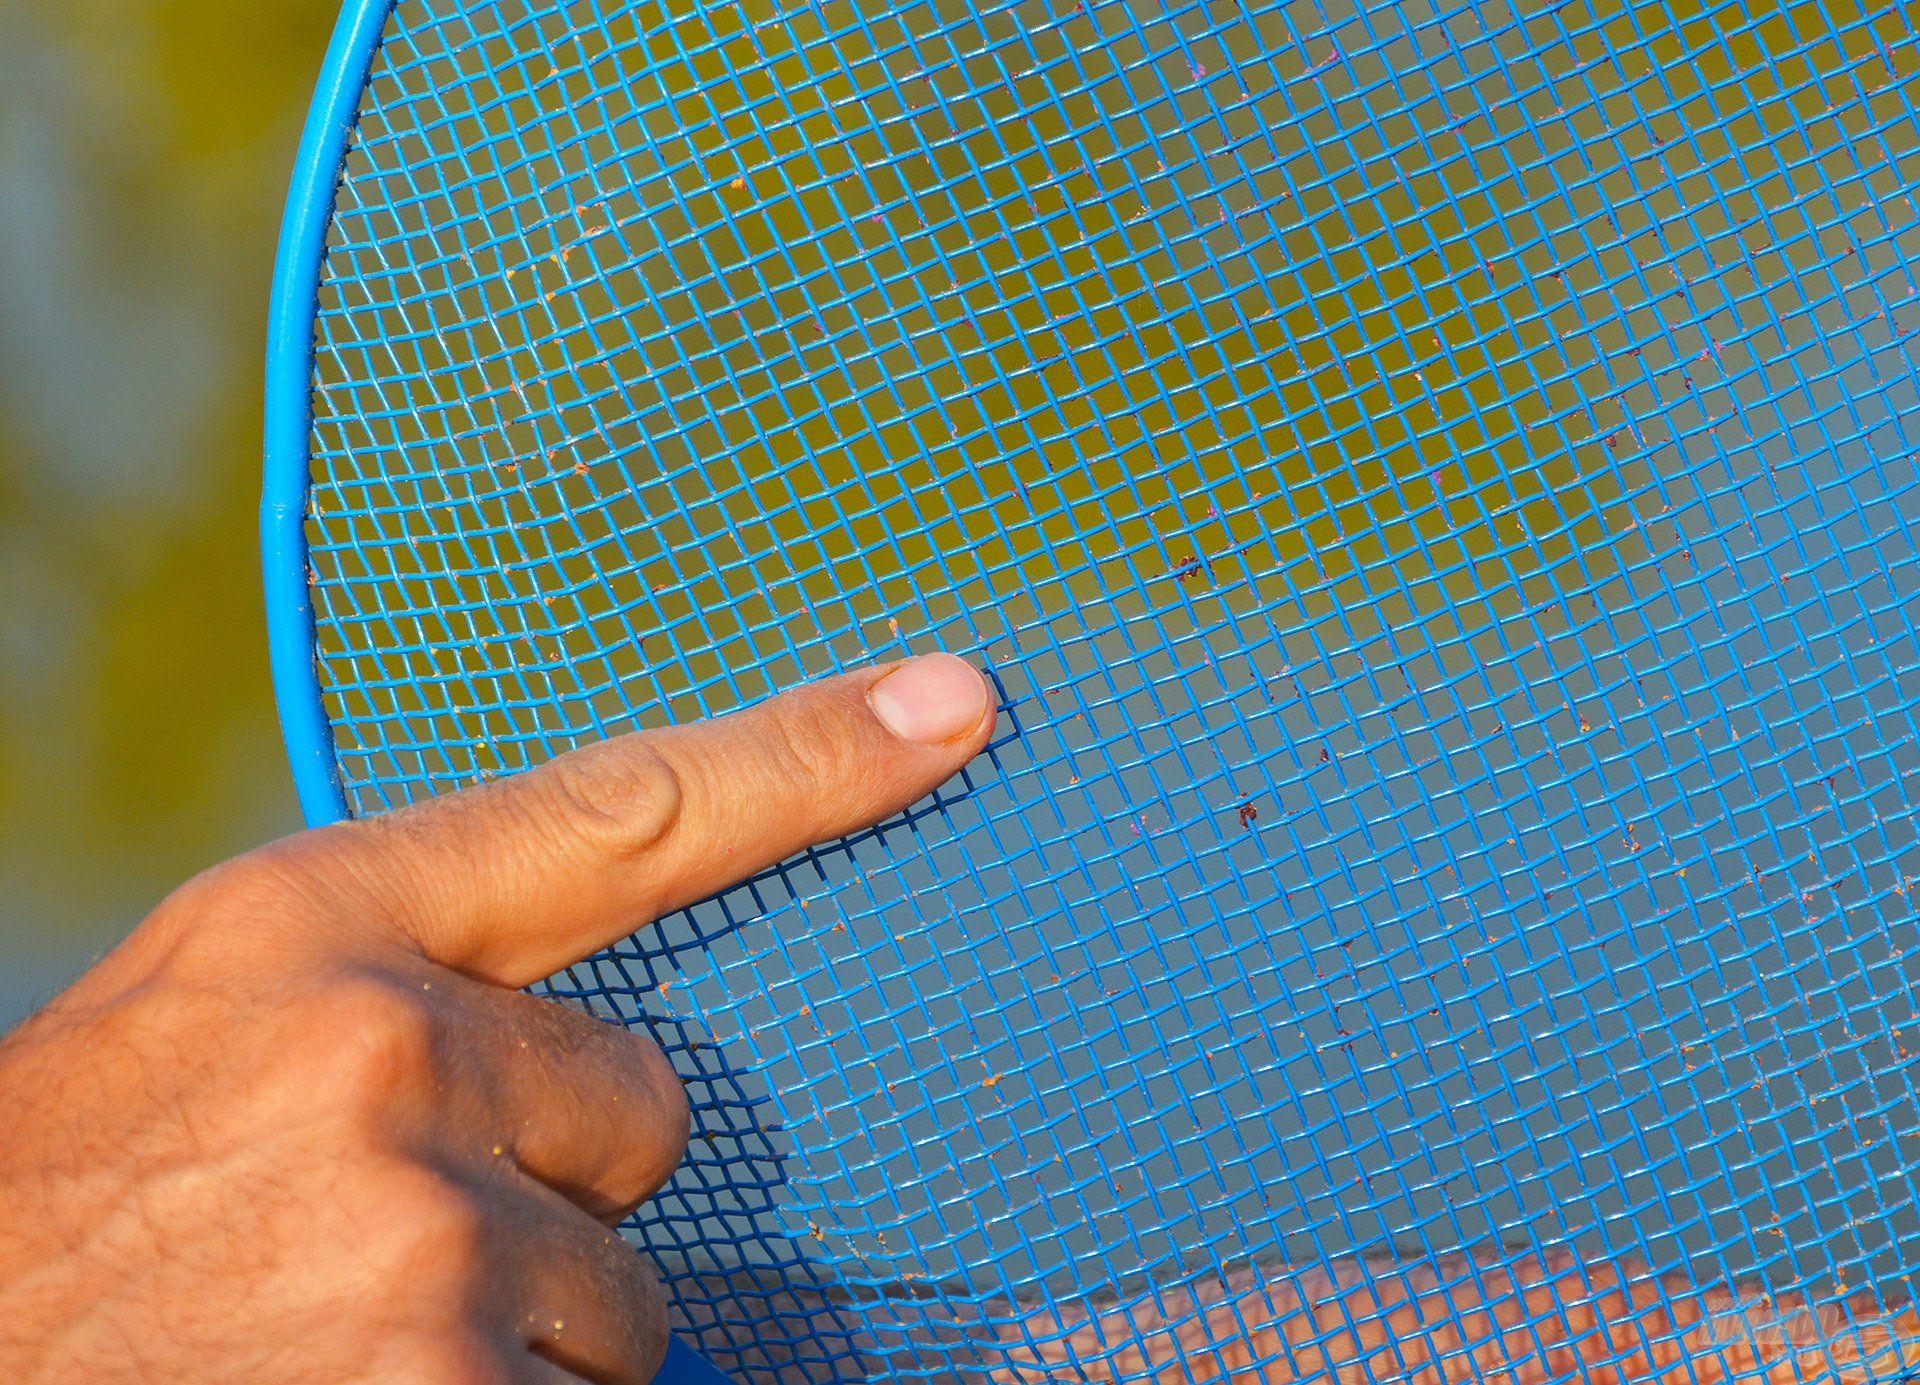 A 3,8 mm-es lyukbőségű rosta tökéletesen megfelel a method keverékek homogenizálásához